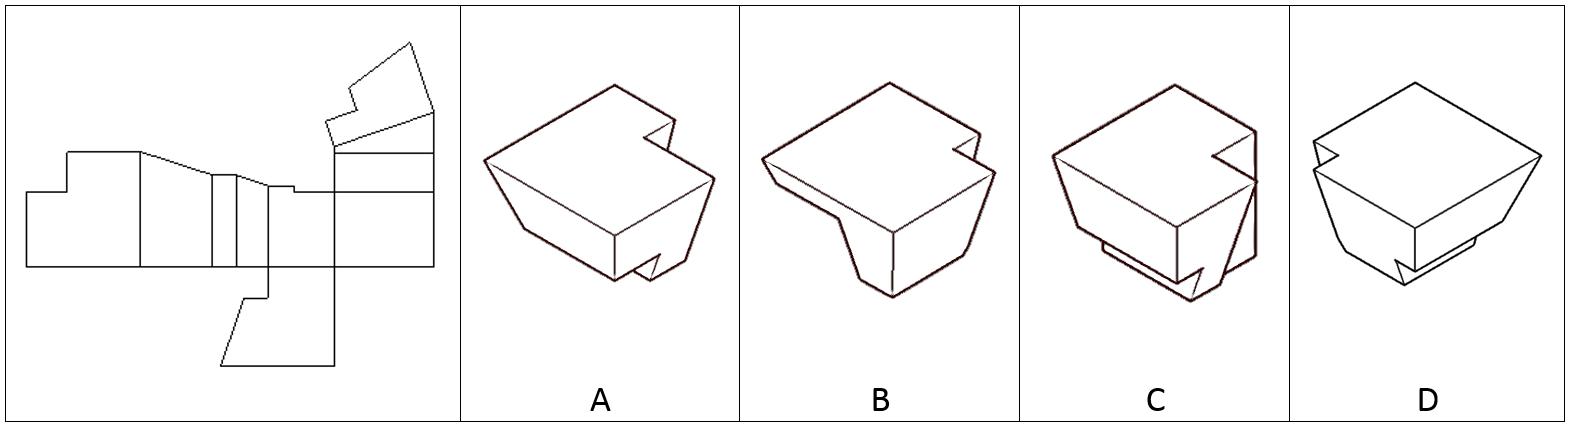 Pattern Folding_free 12